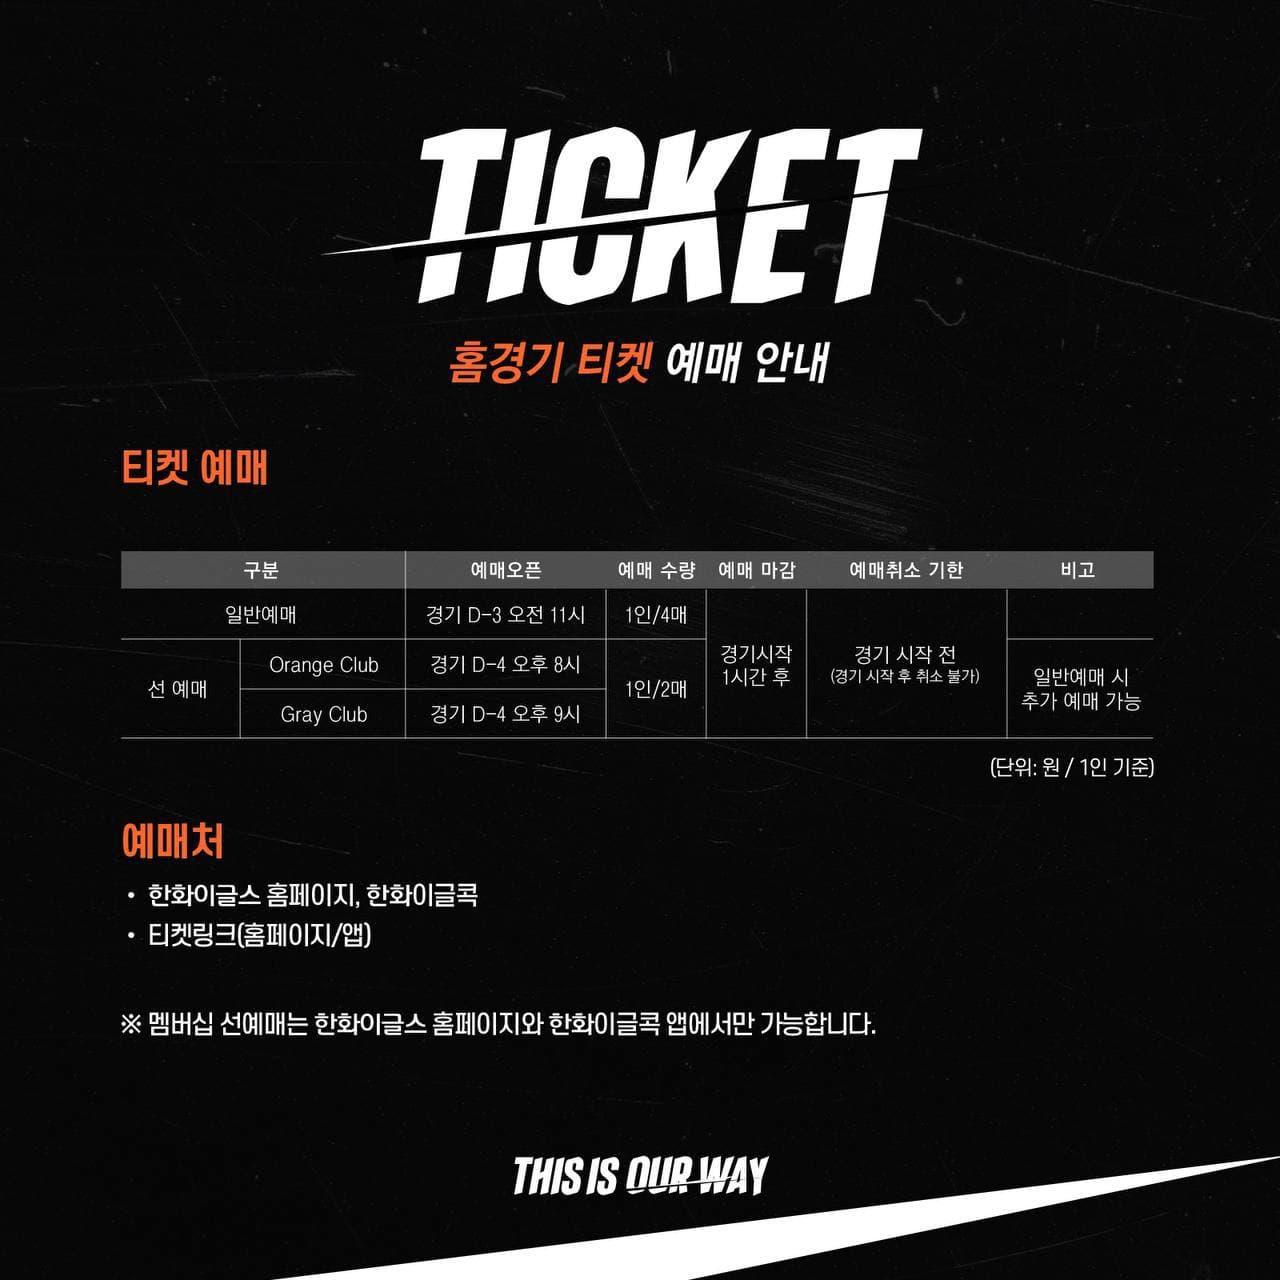 '요금 동결' 한화, 6일 홈경기 티켓 예매 오픈